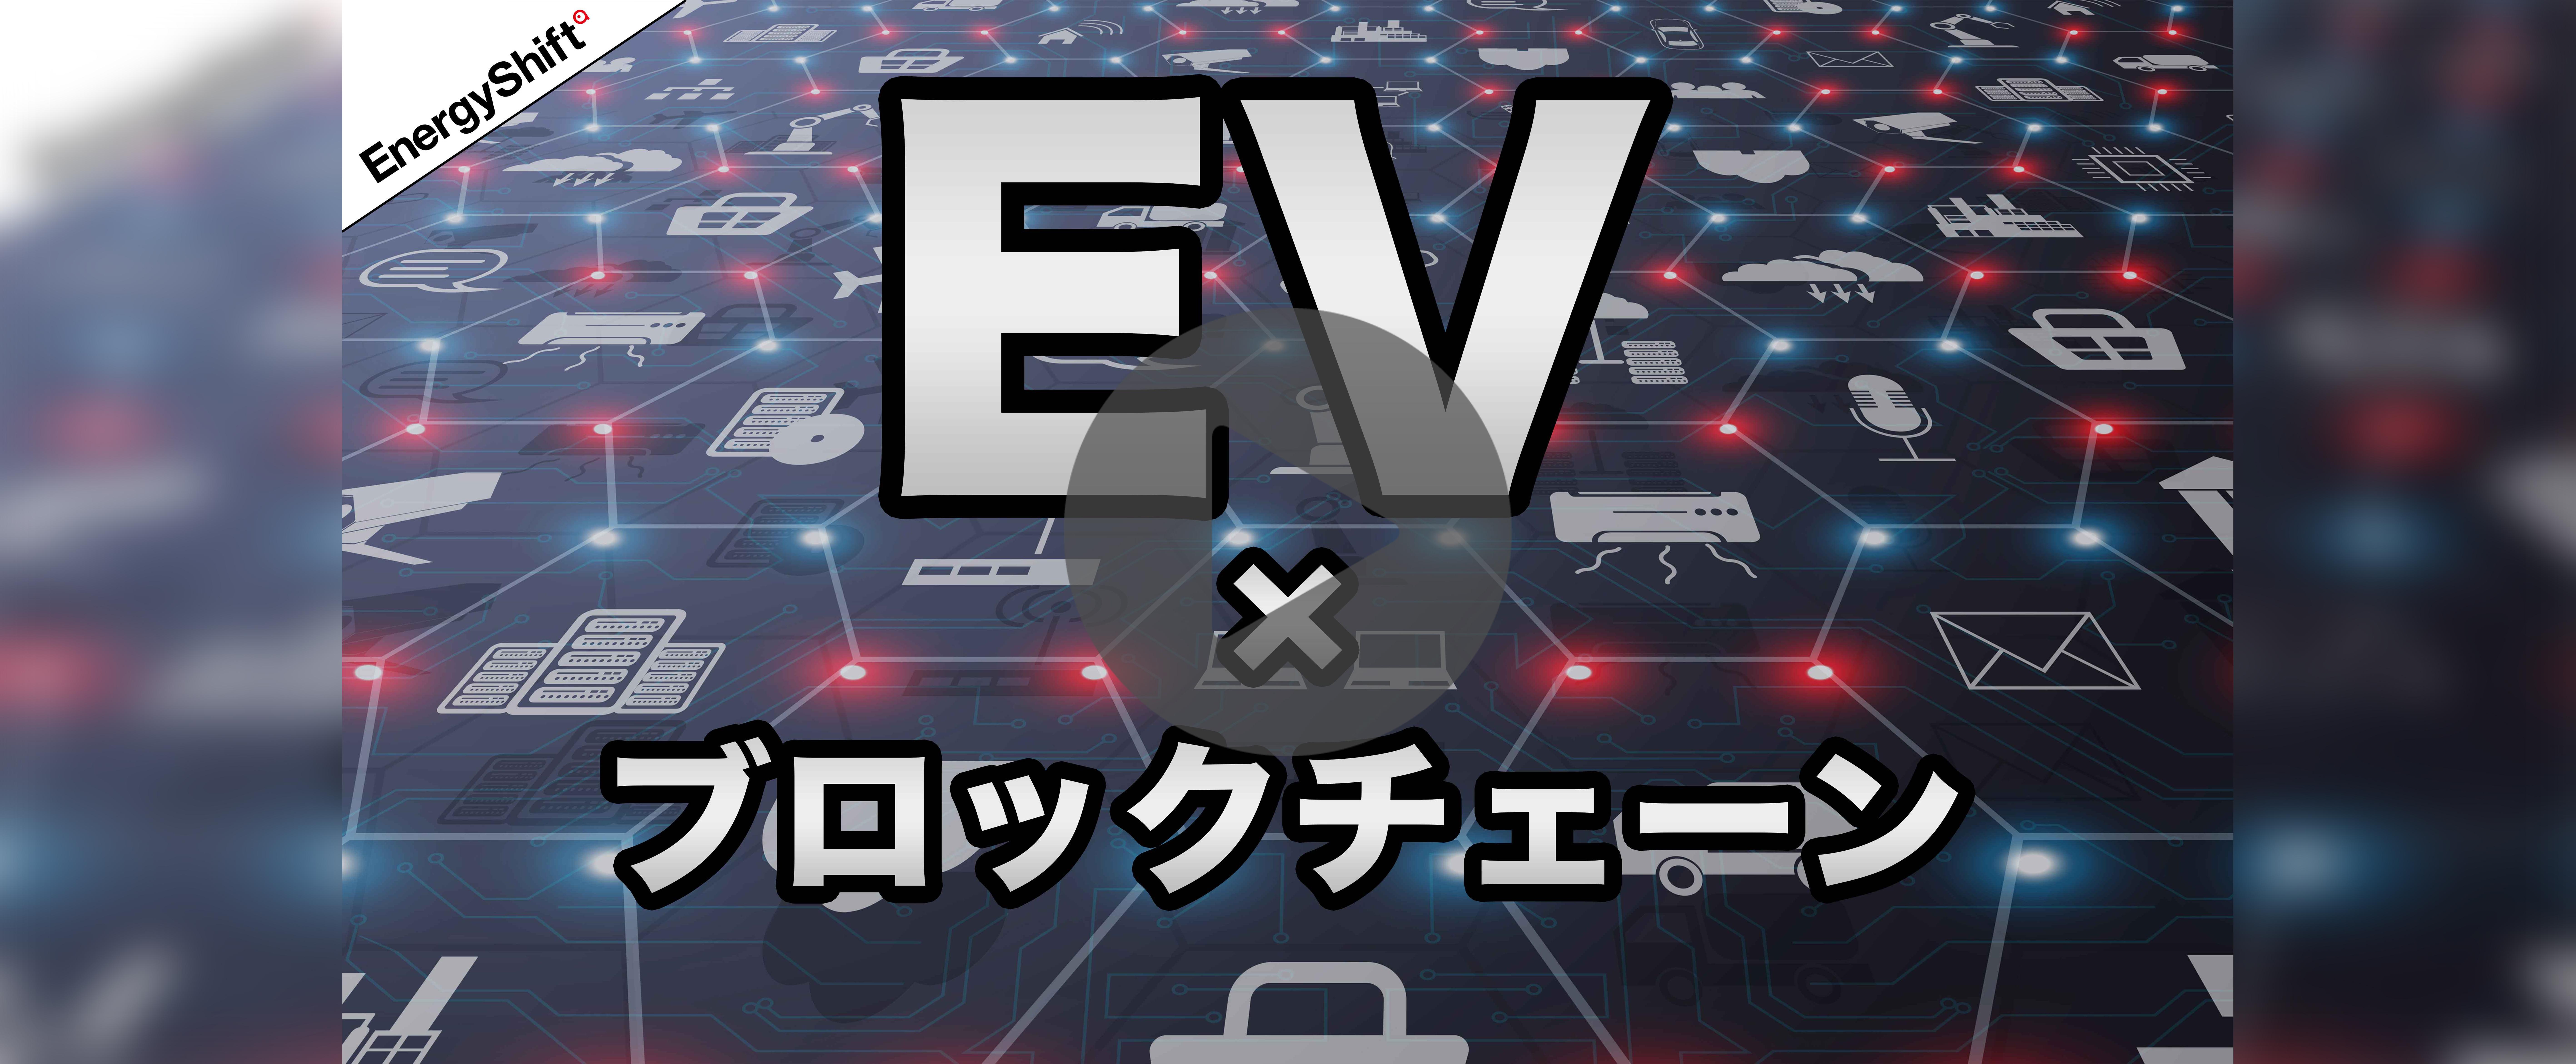 【YouTube】EV×ブロックチェーン 最新動向を解説